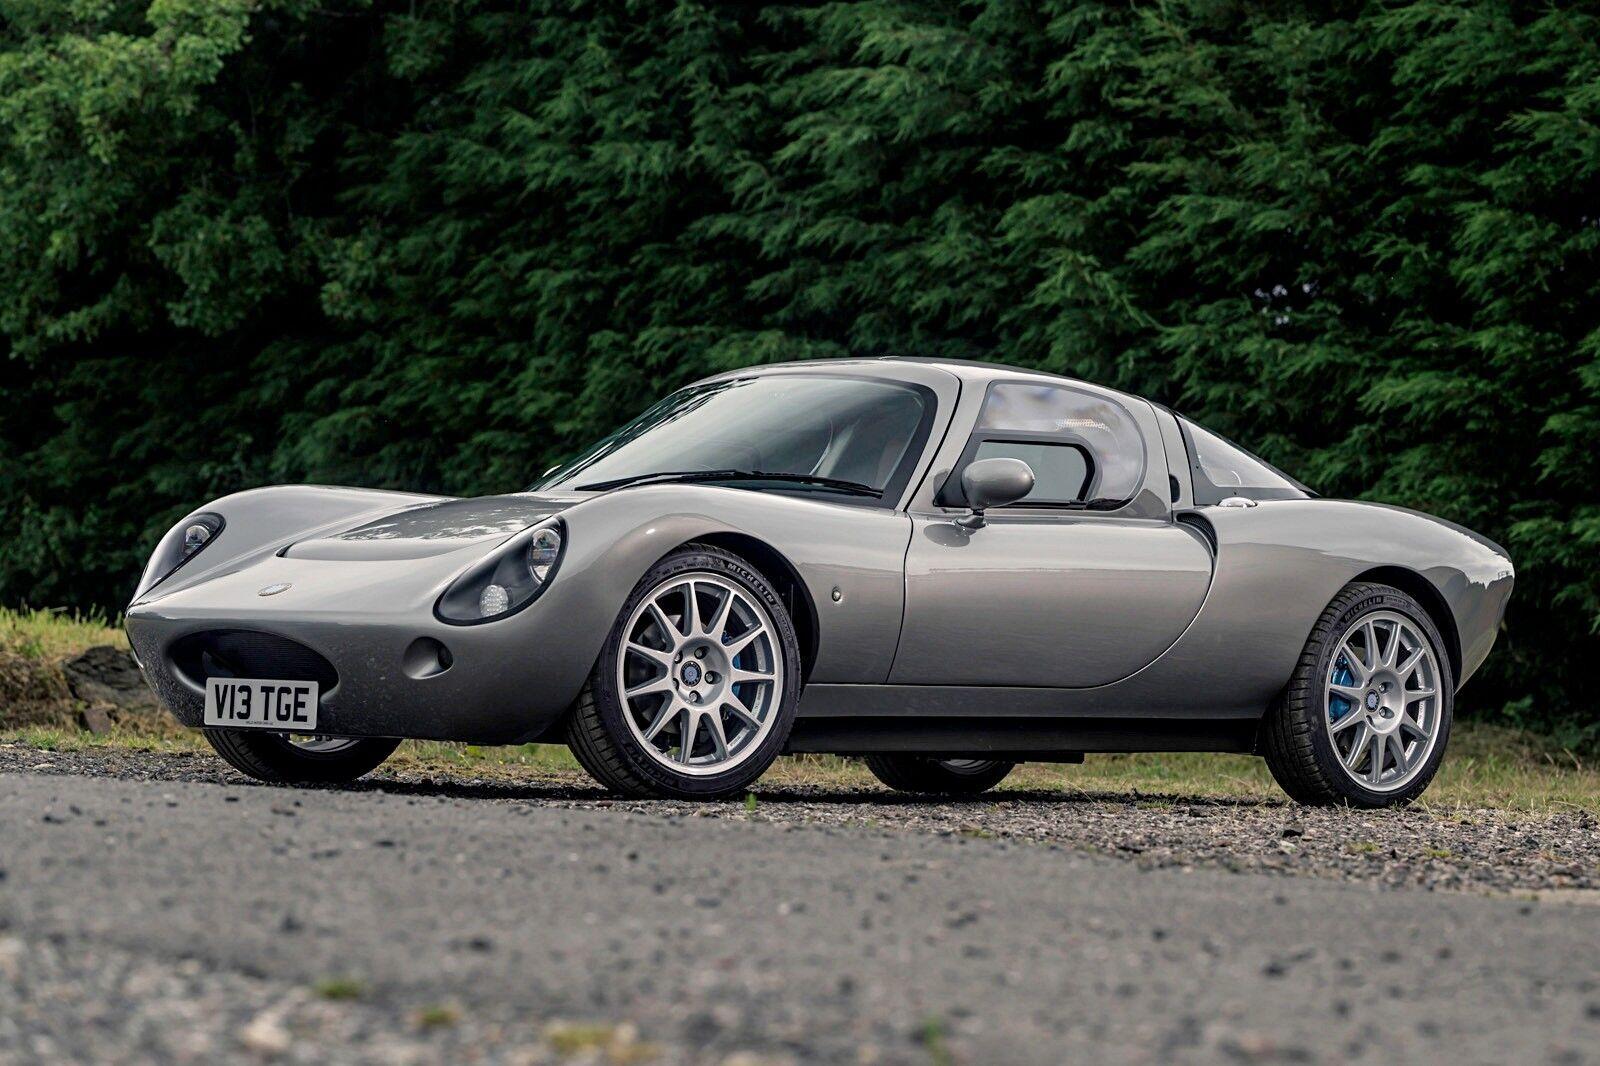 Компактное среднемоторное купе Wells Vertige вдохновлено классическими британскими автомобилями